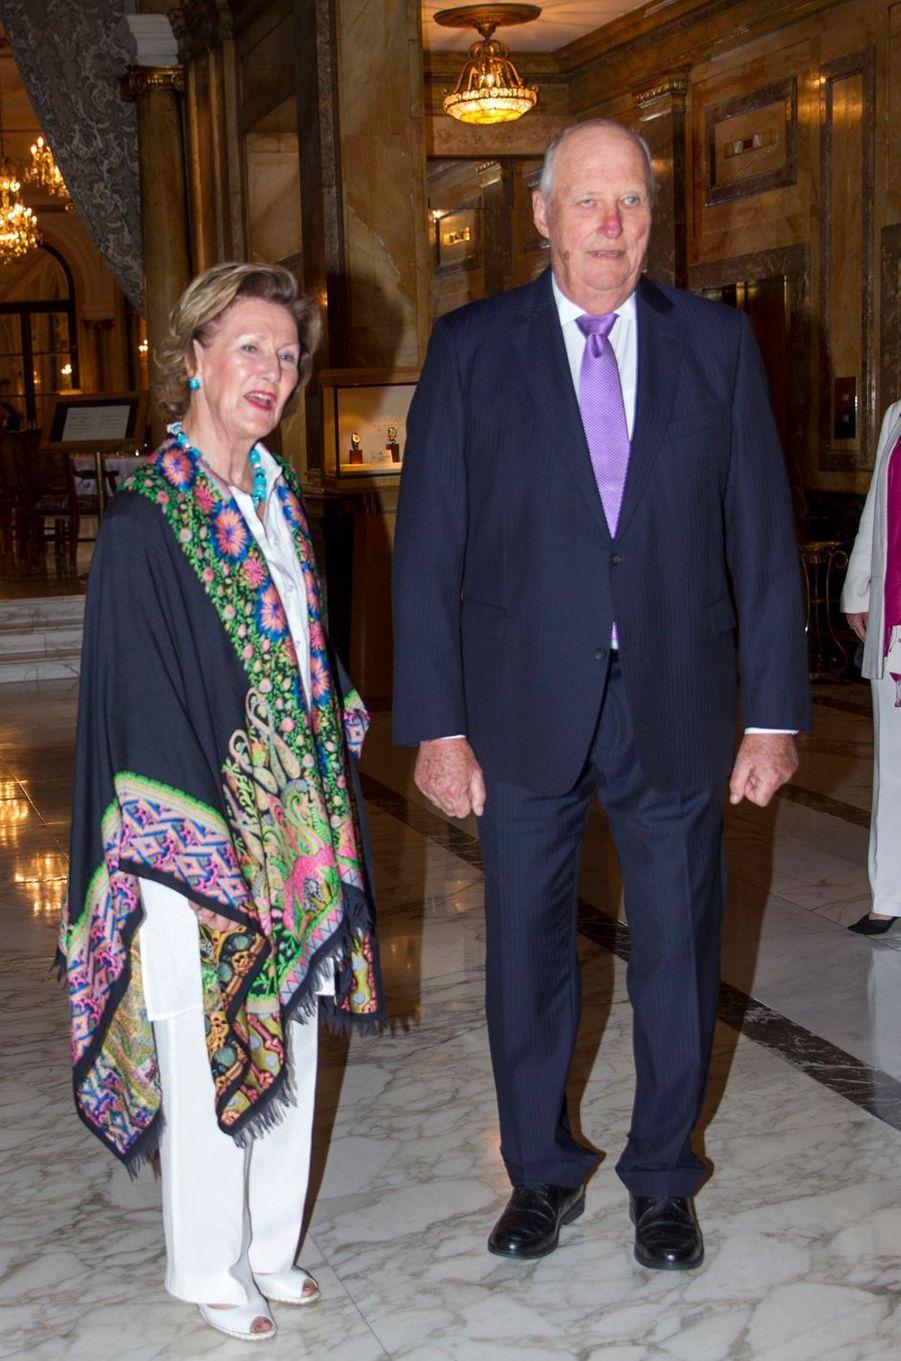 La reine Sonja et le roi Harald V de Norvège à Buenos Aires, le 5 mars 2018, à la veille de leur visite d'Etat en Argentine